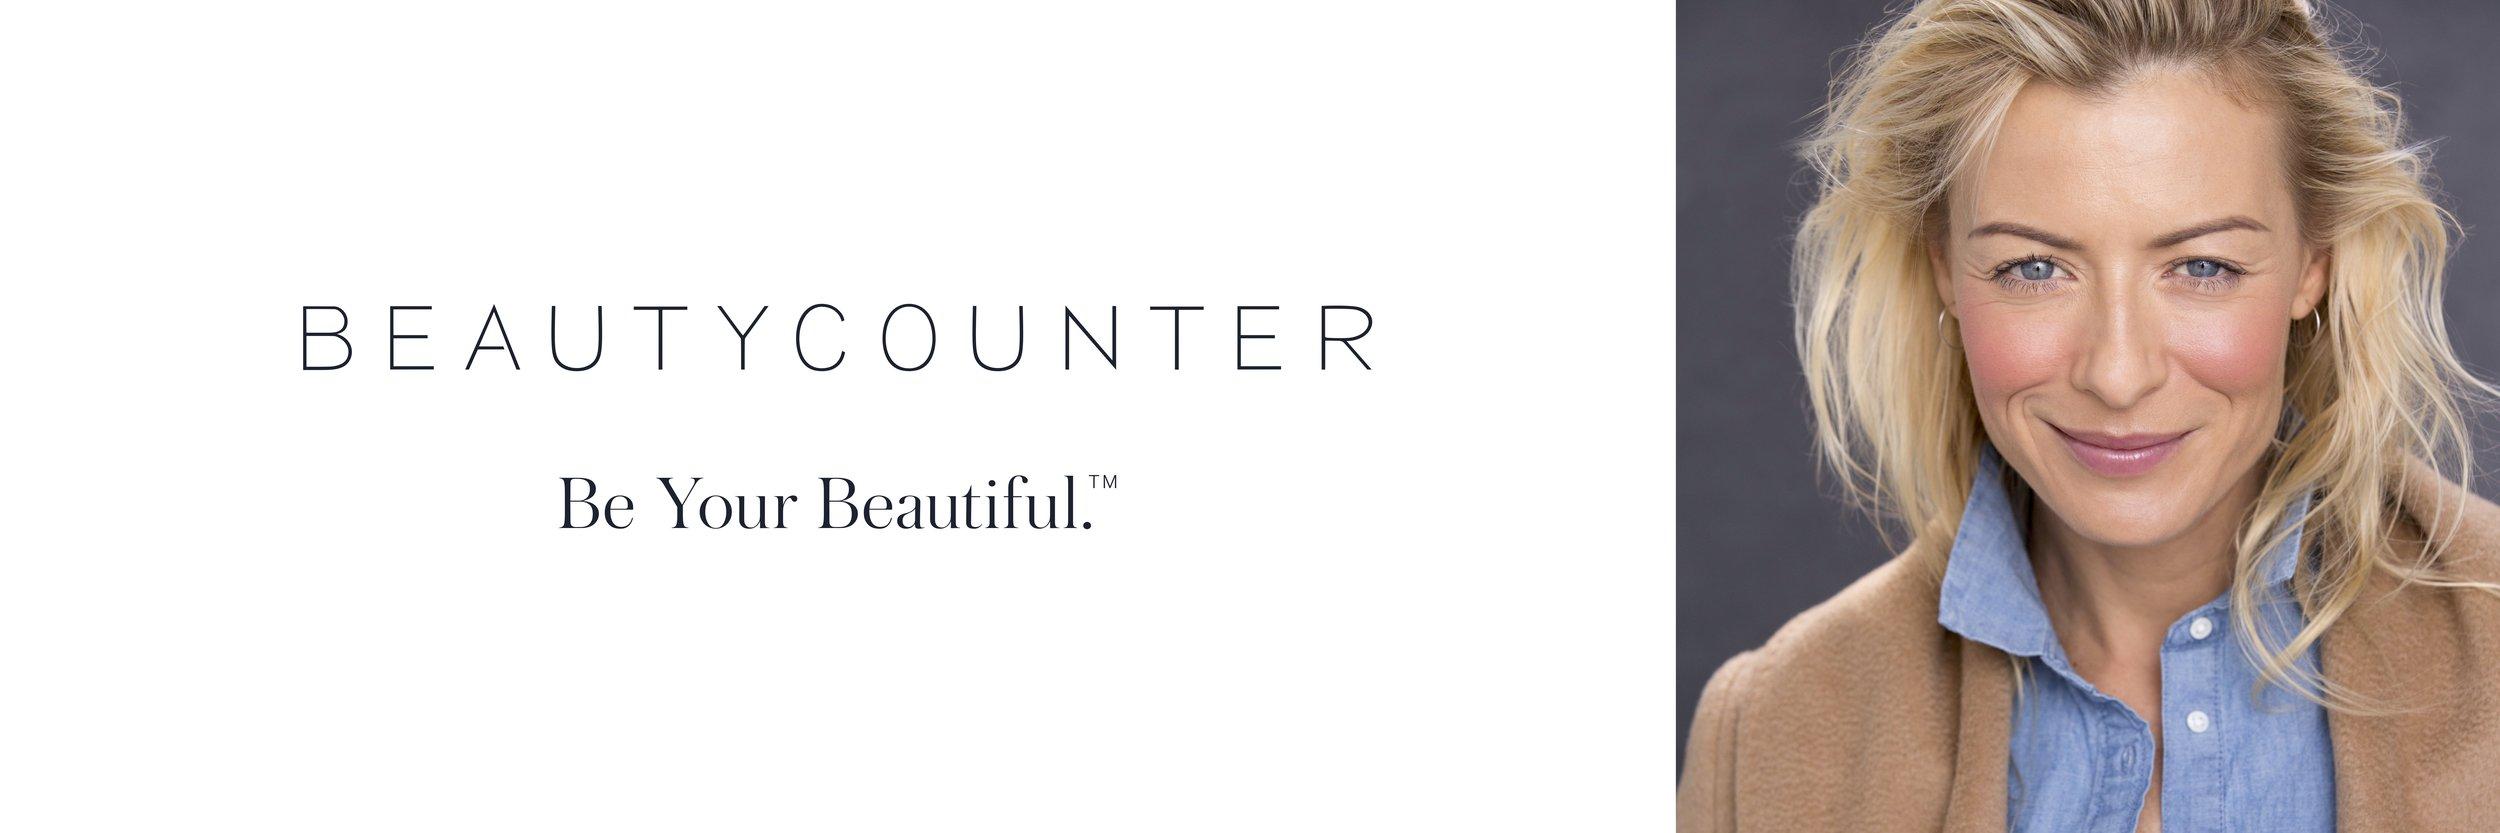 Beautycounter_Banner_4.jpg